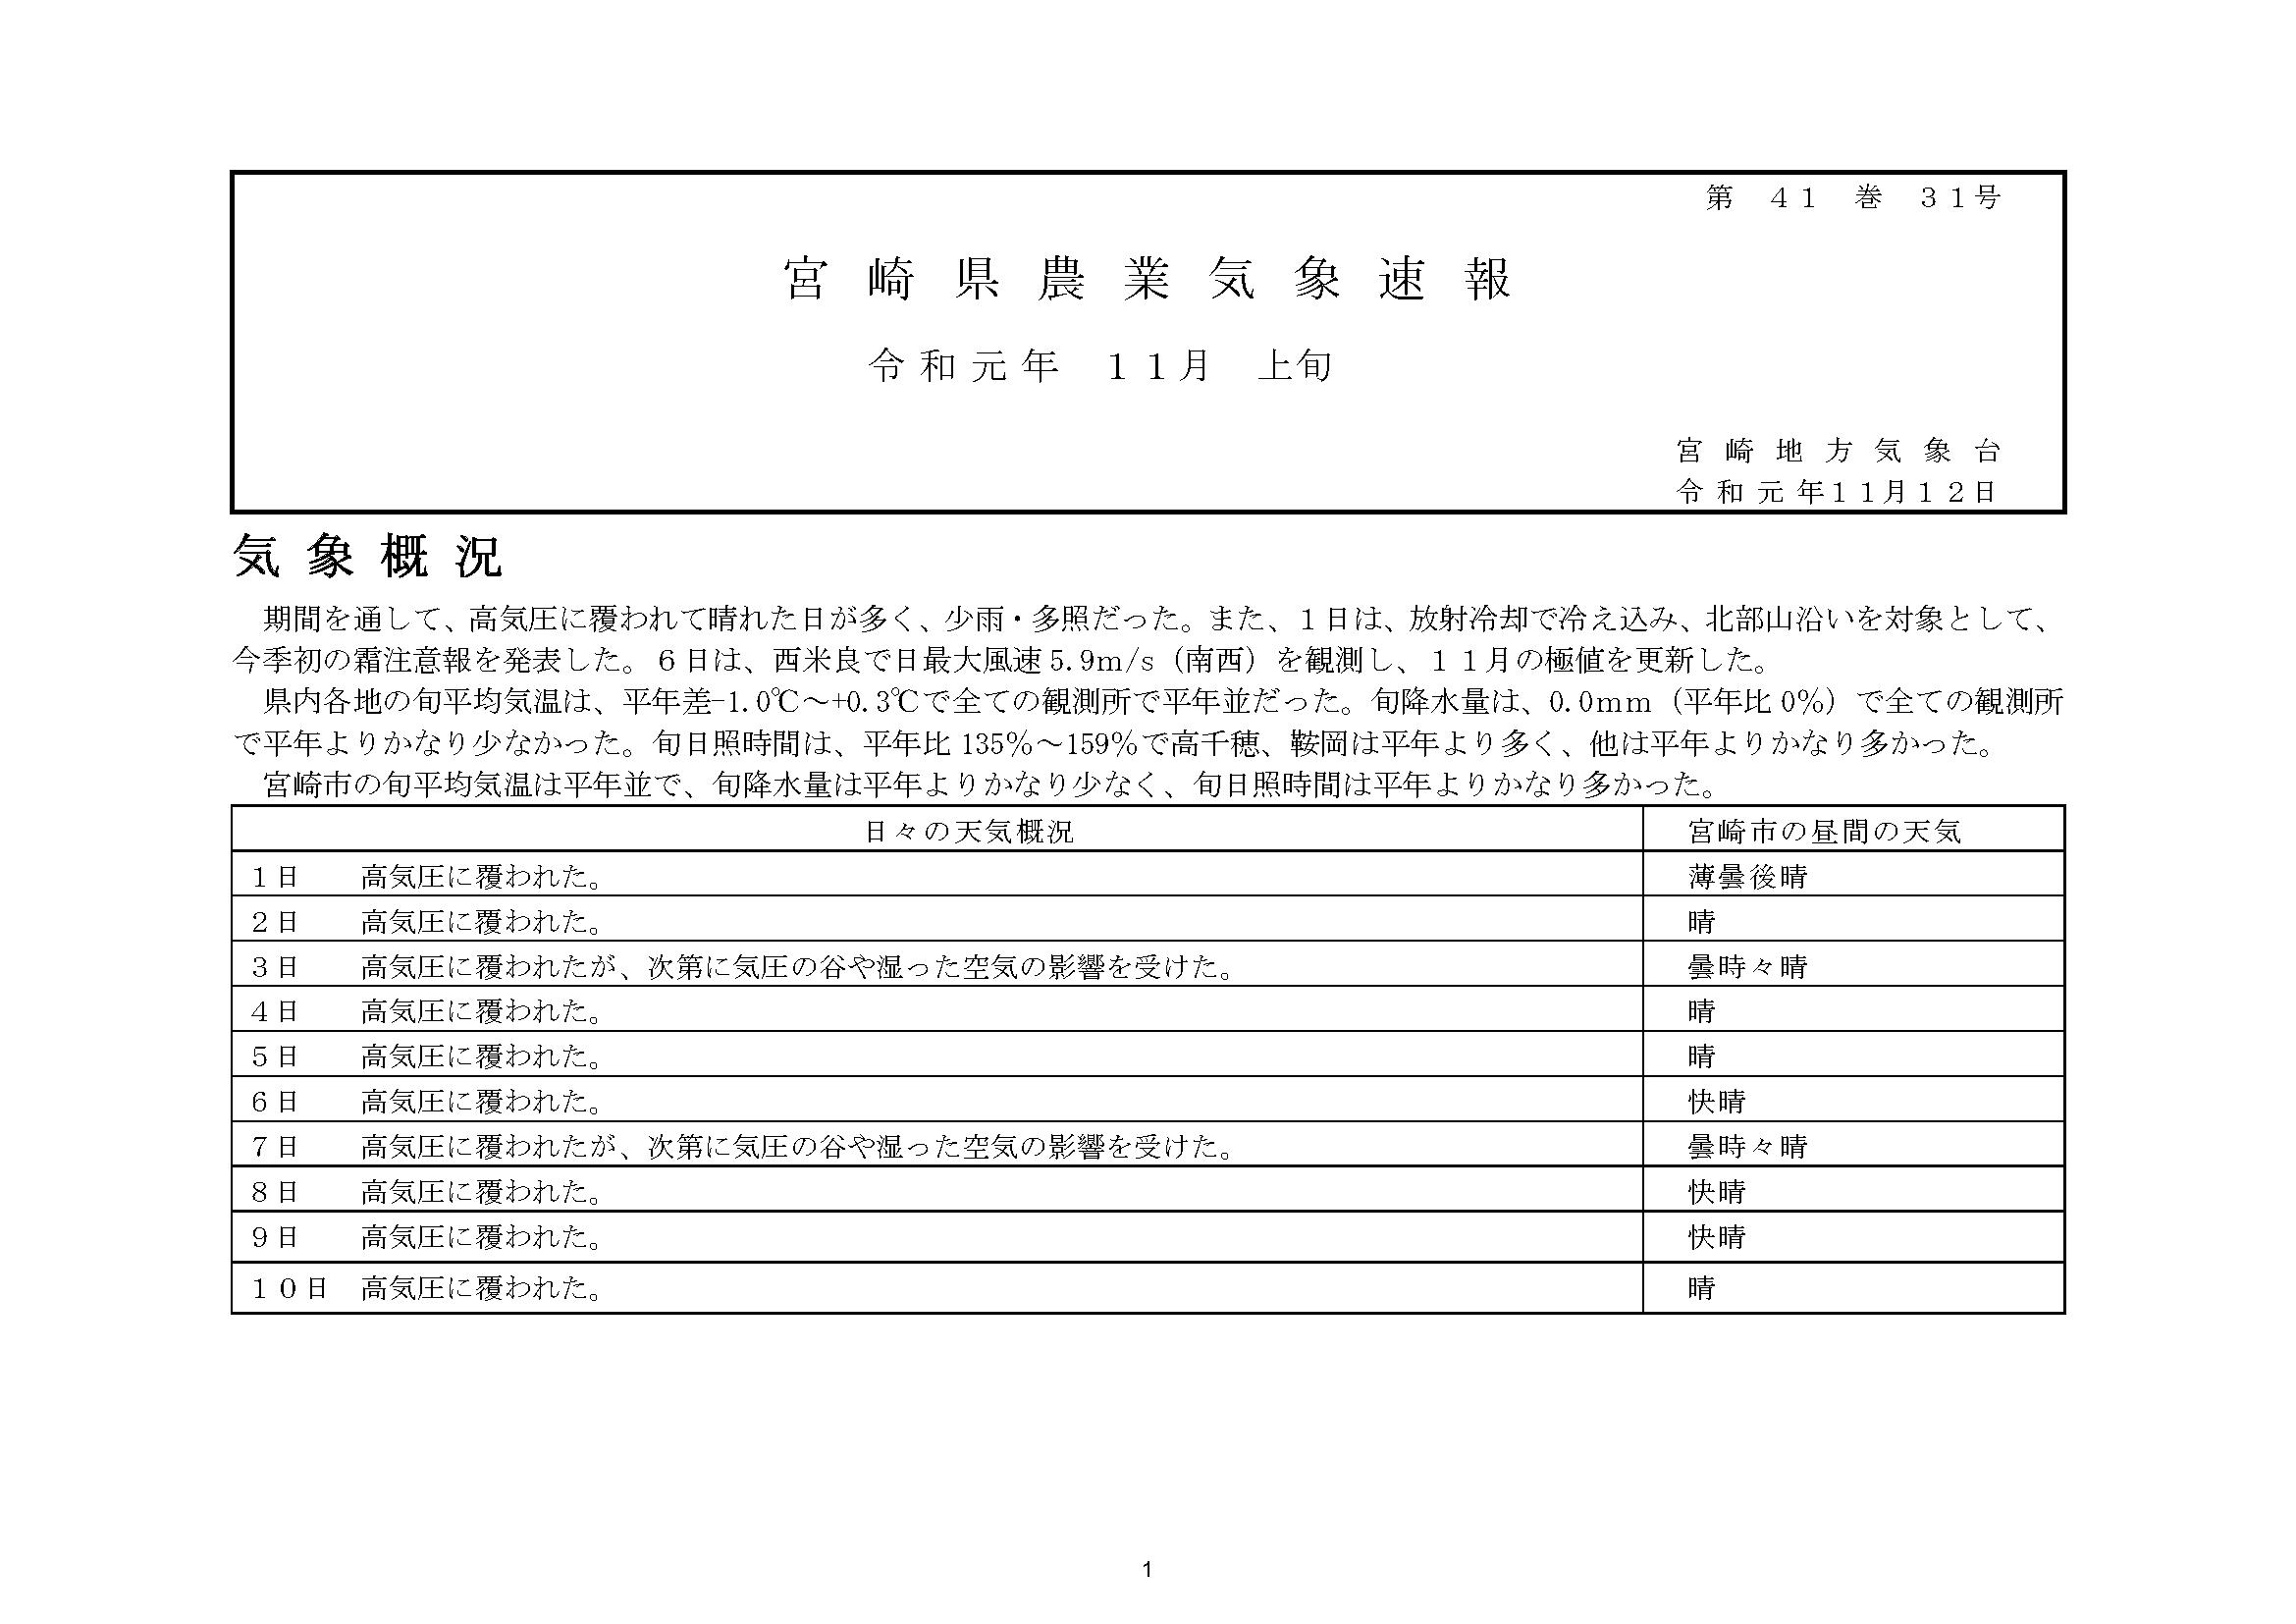 宮崎県農業気象速報令和元年10月上旬PDF